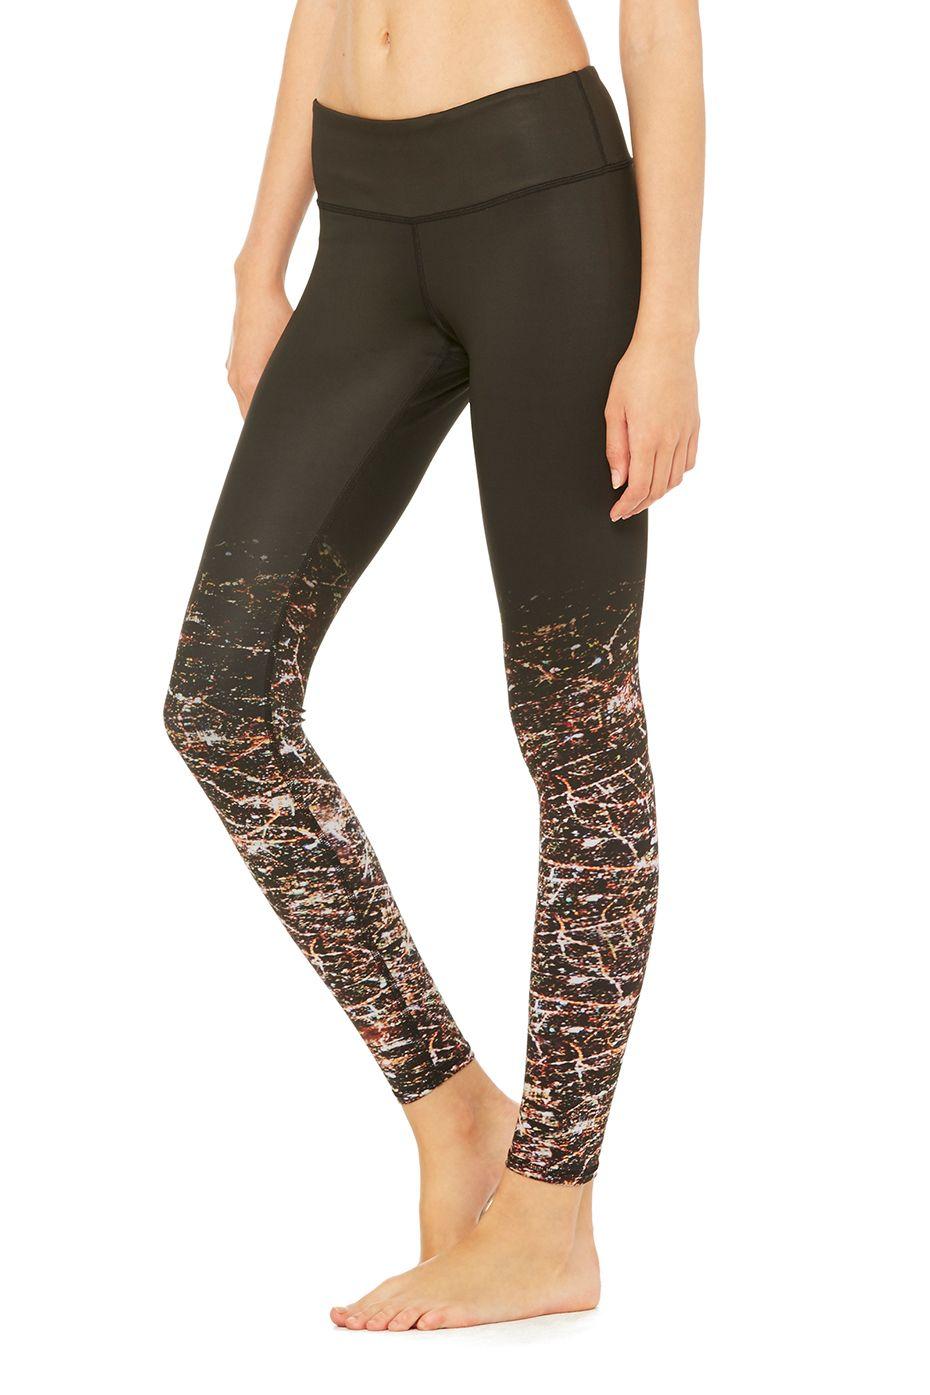 Alo Yoga Tech Lift Airbrush Leggings